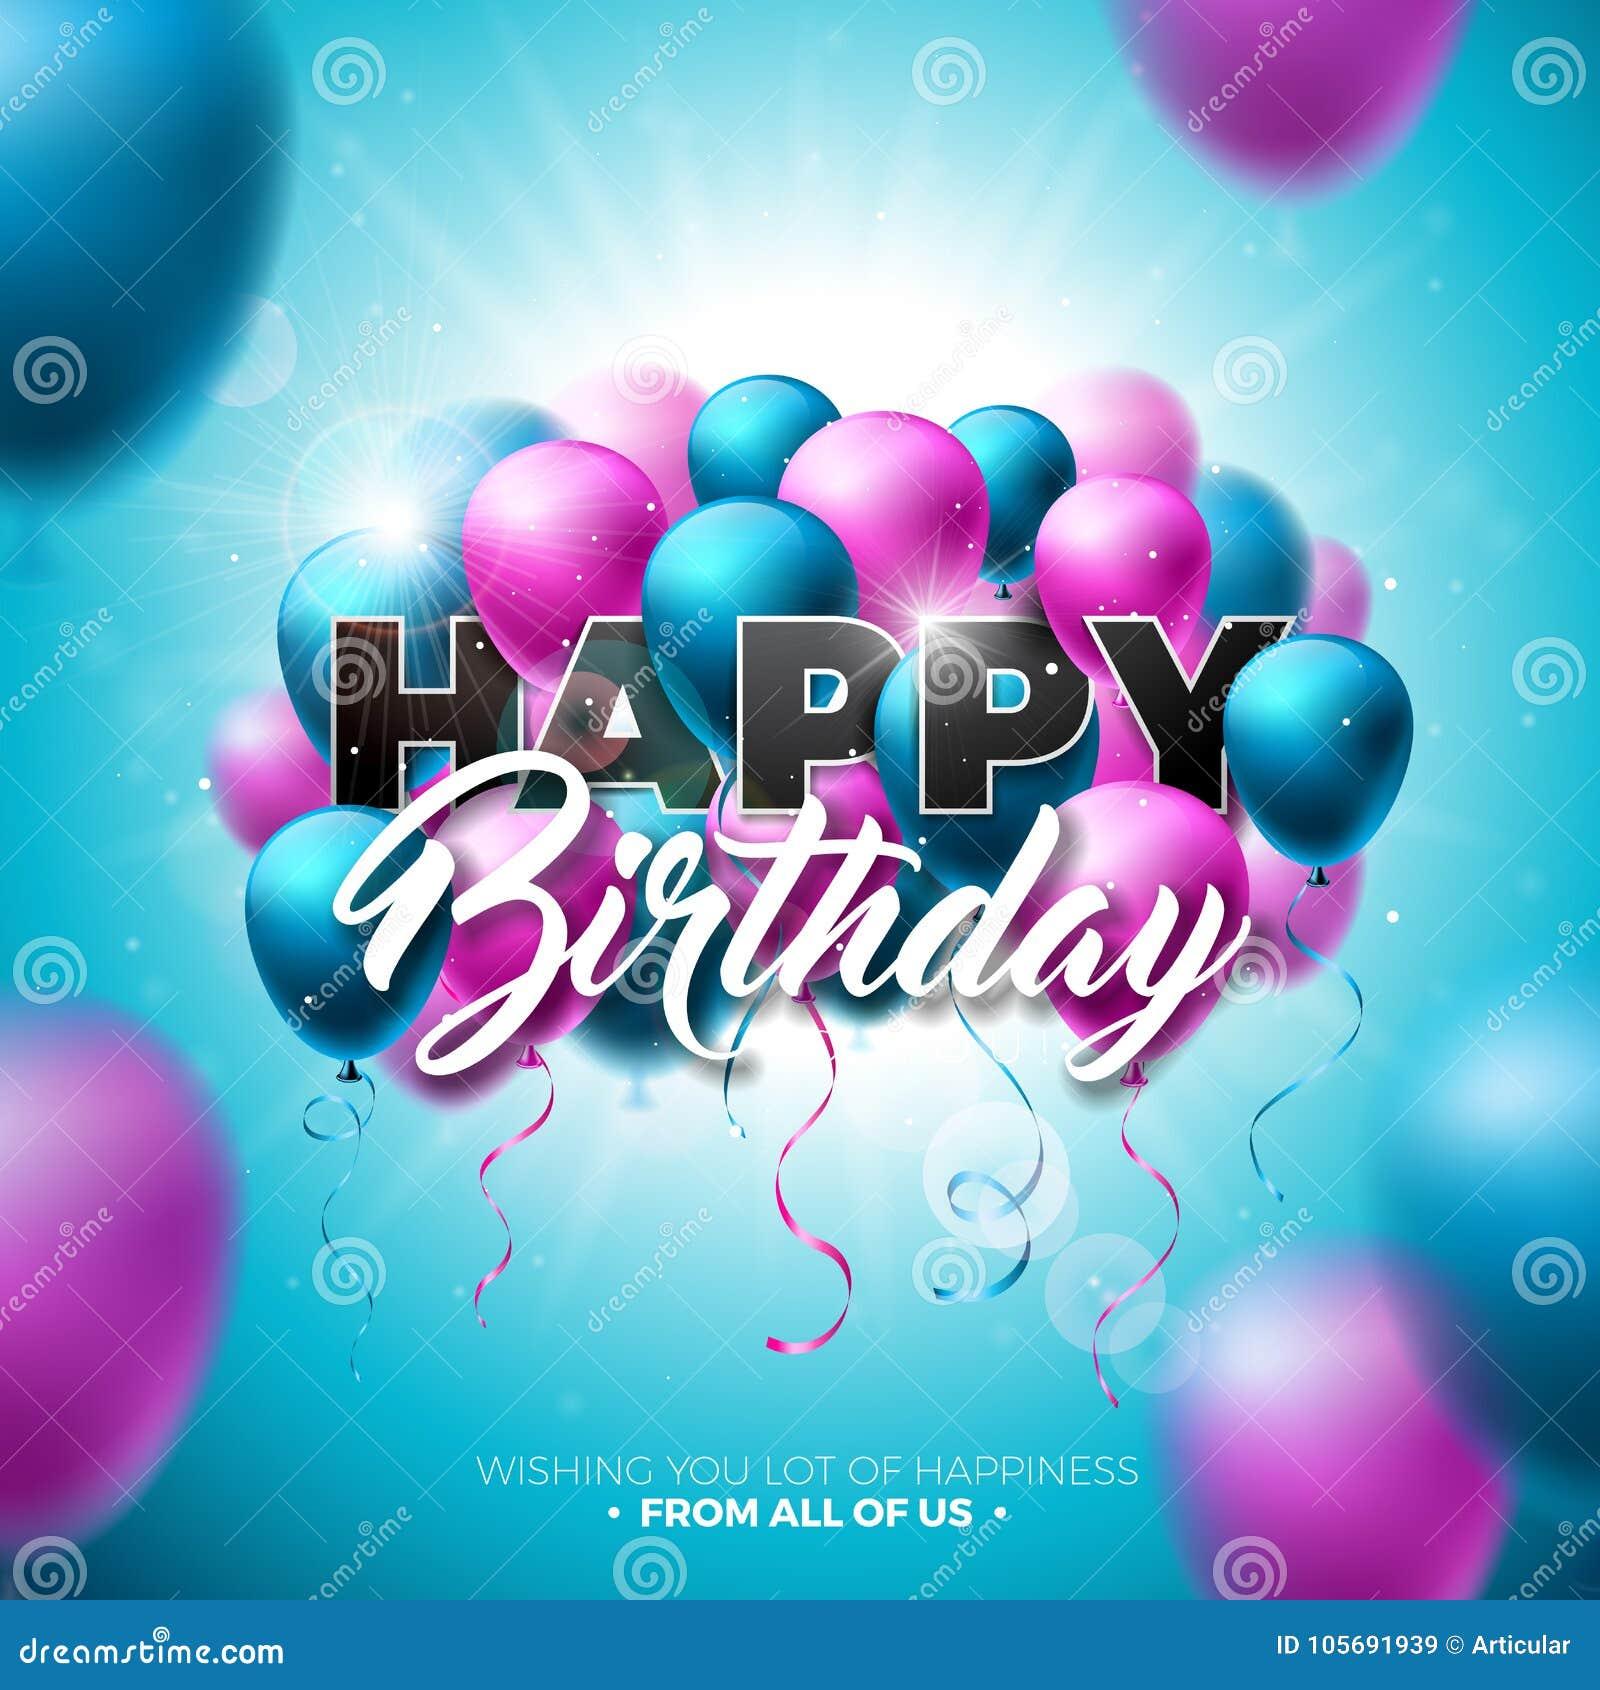 Alles- Gute zum Geburtstagvektor-Design mit Ballon, Typografie und Element 3d auf glänzendem blauer Himmel-Hintergrund Illustrati